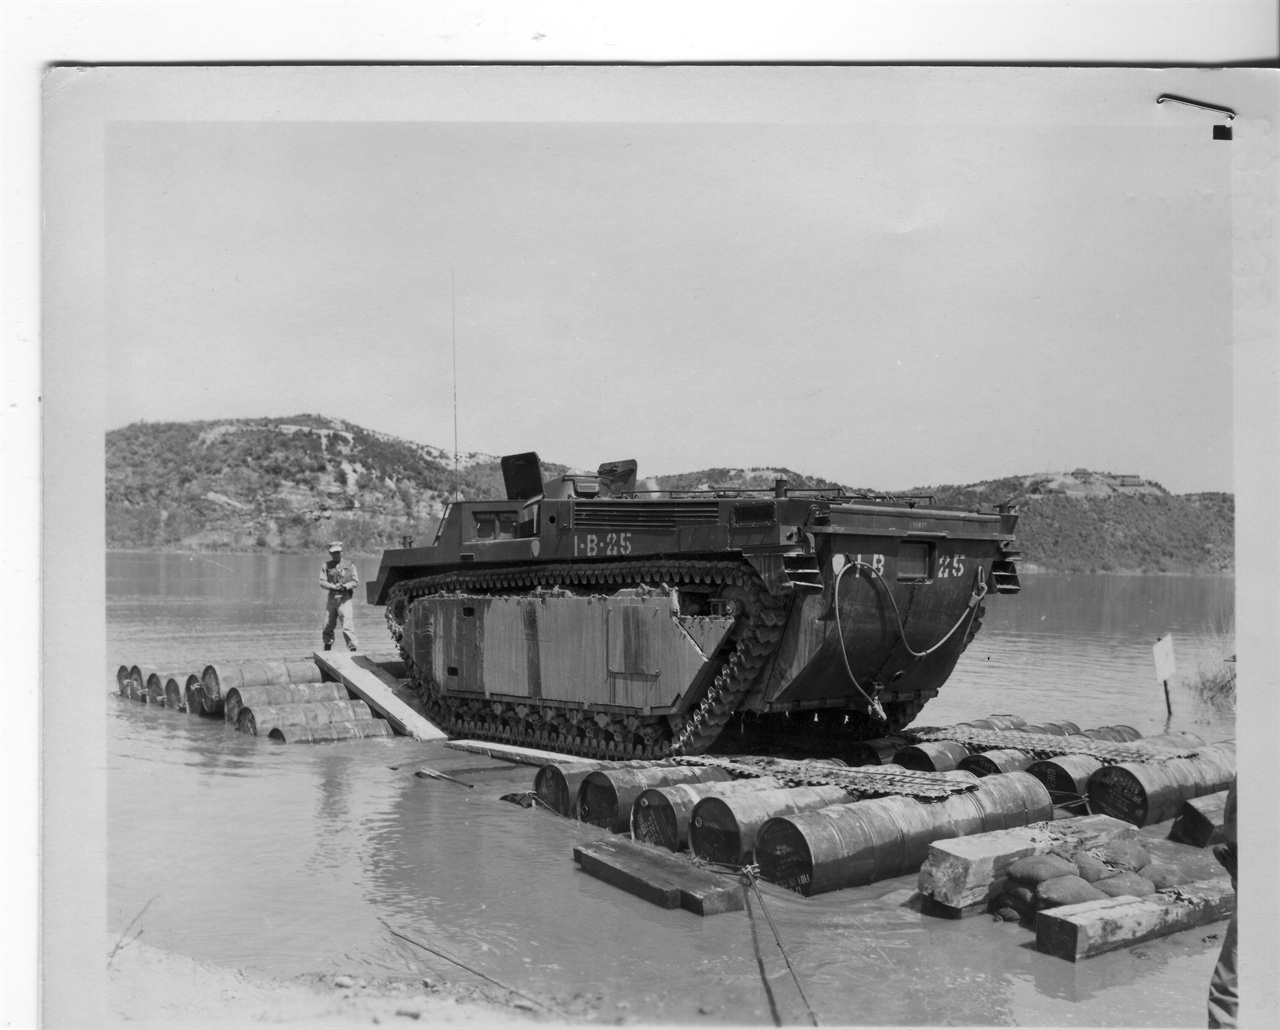 수륙 겸용 장갑차의 운행을 실험하고 있다(1954. 5. 7.).